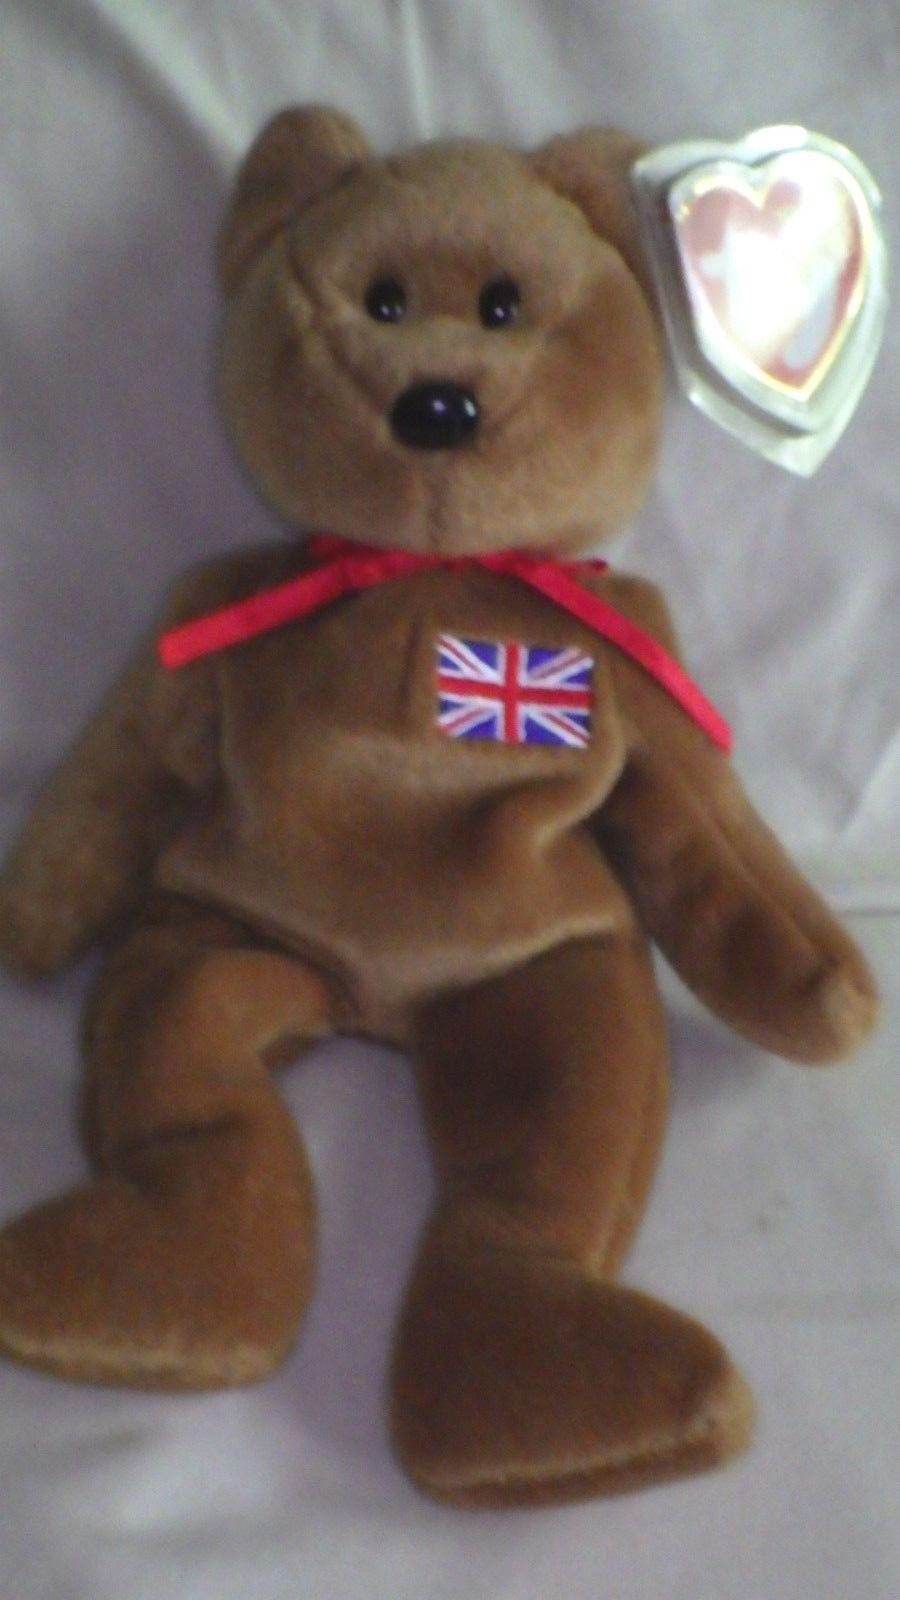 Beanie baby  britannia  bär 1997 selten - roter stempel in grund - und star